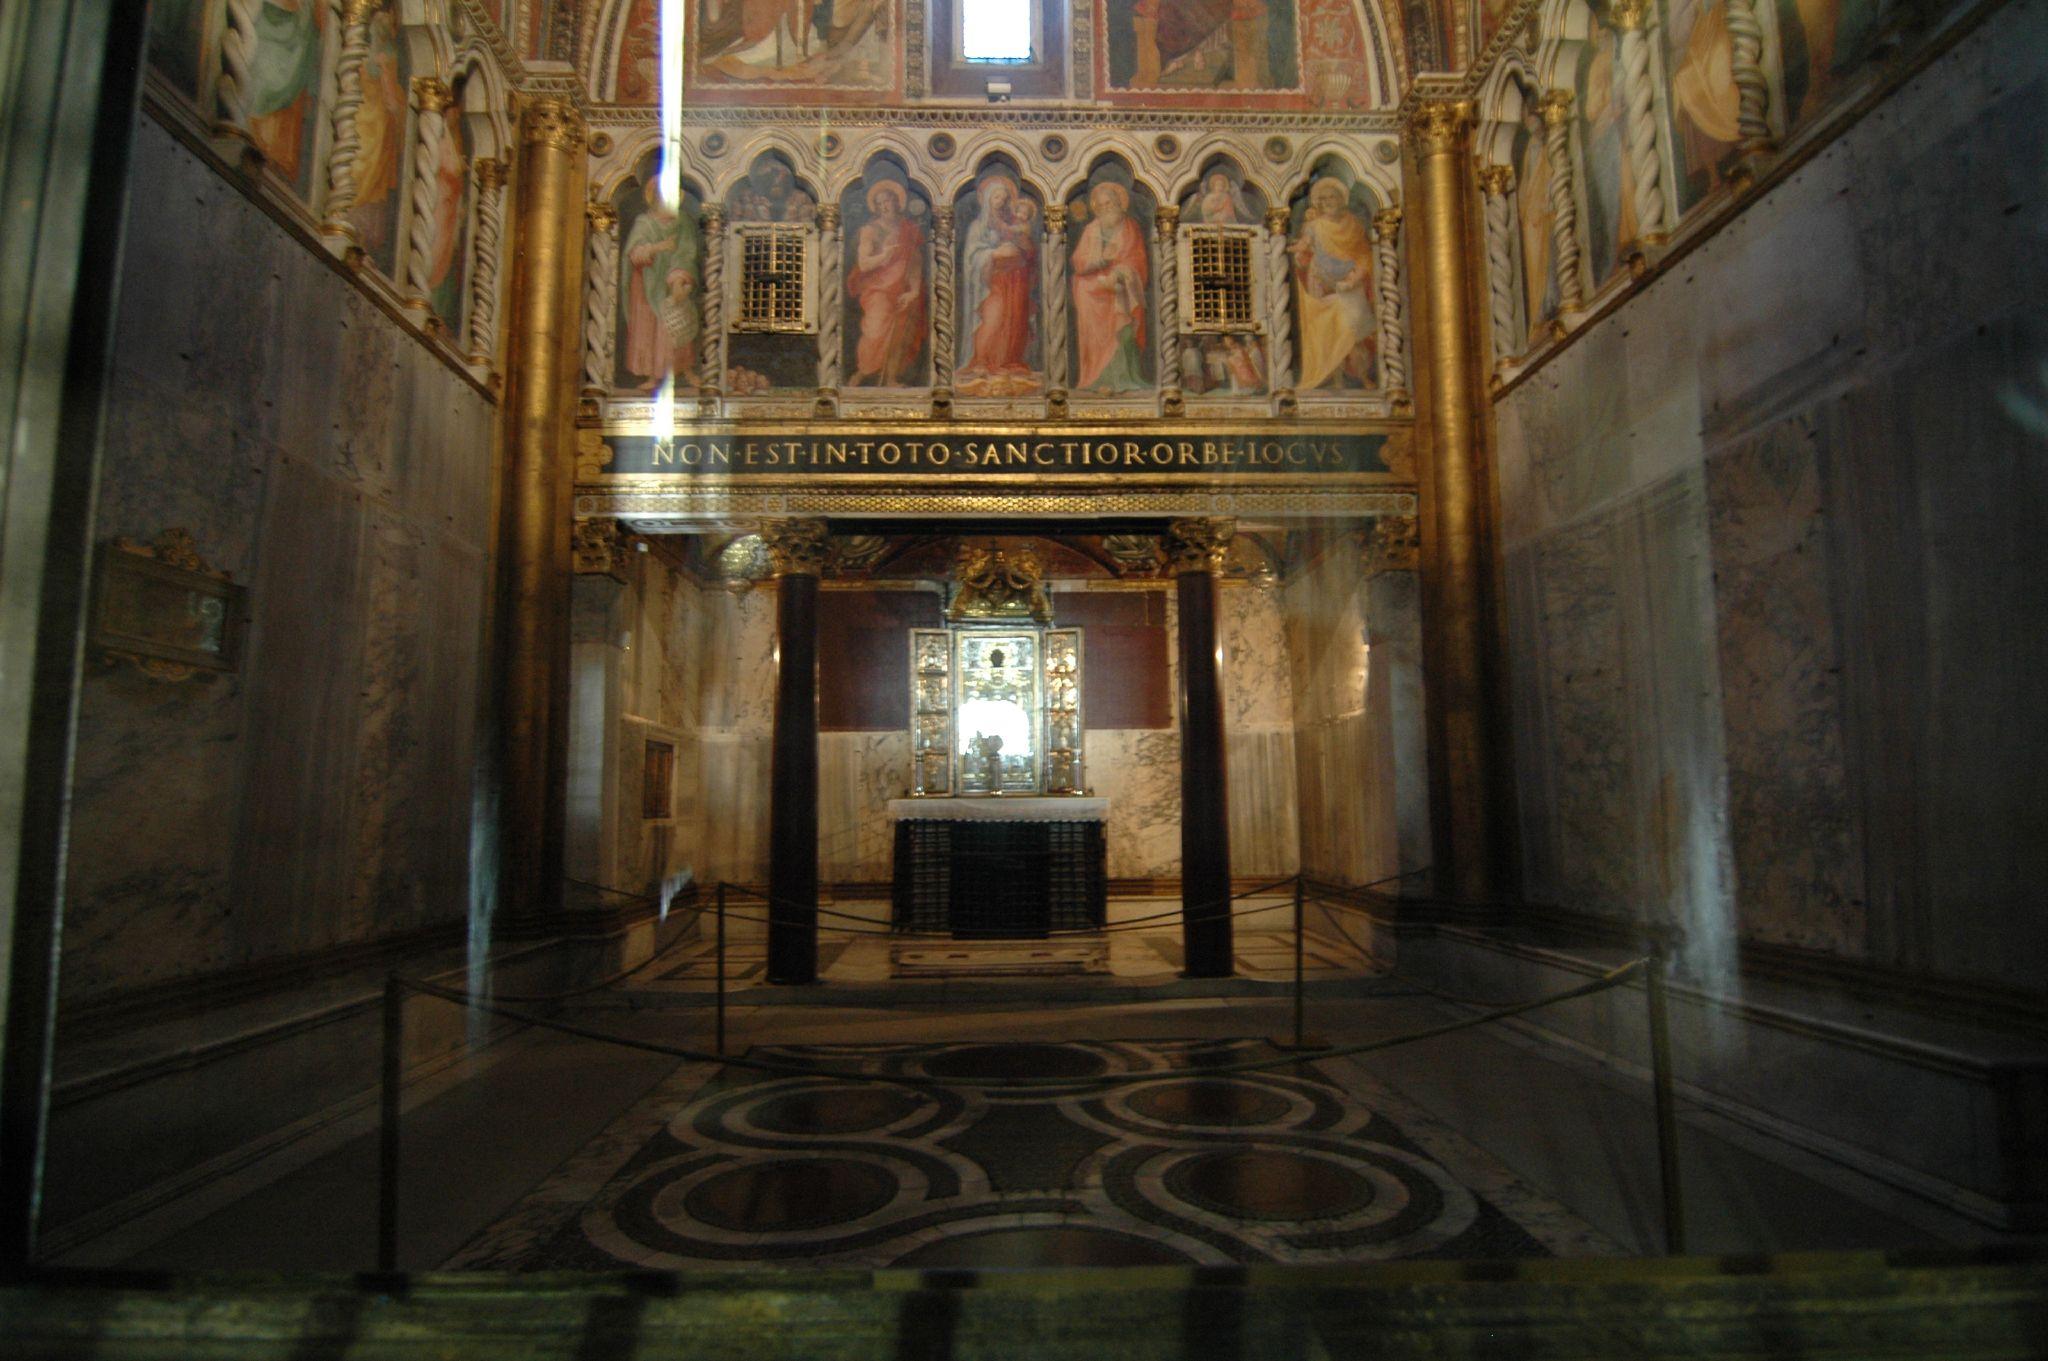 """La processione s ordinava e partiva la vigilia Il Papa con i Cardinali apriva nella """"Sancta Sanctorum""""[25] dice l epigrafe"""